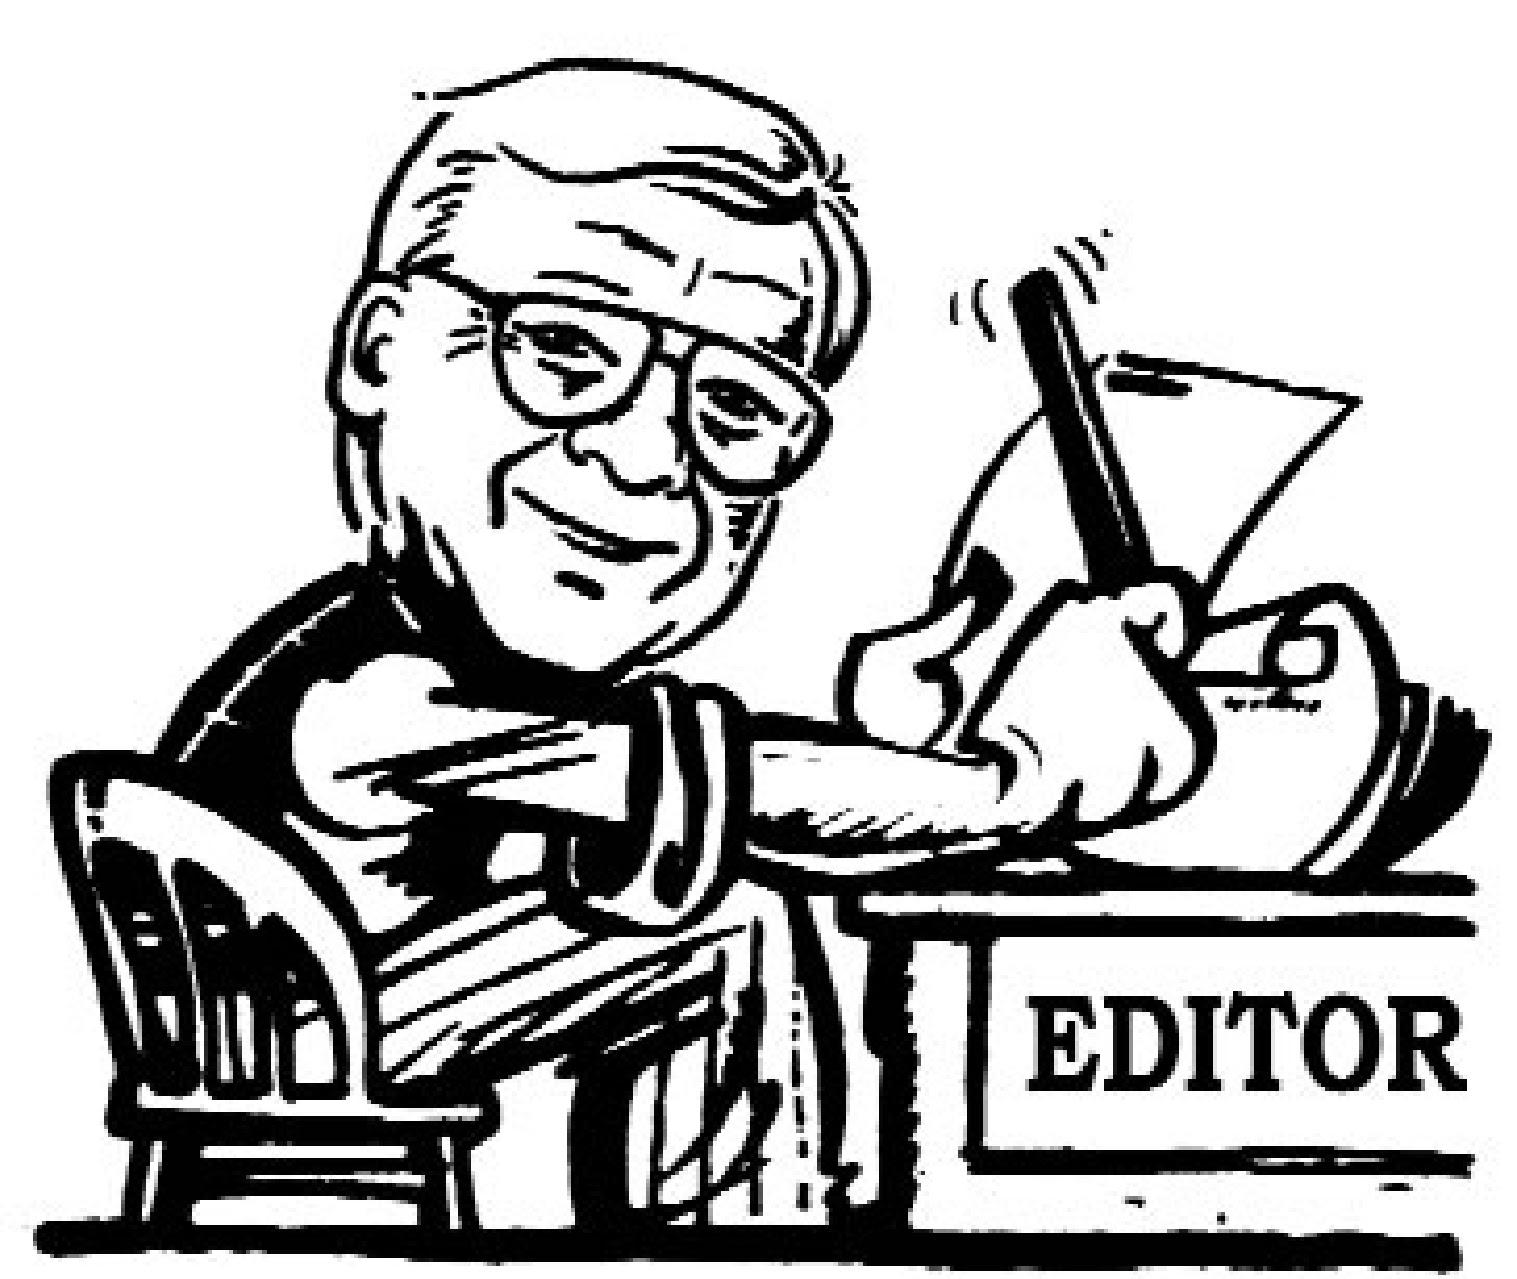 друзья, редактор газеты картинка ощущение такое, что